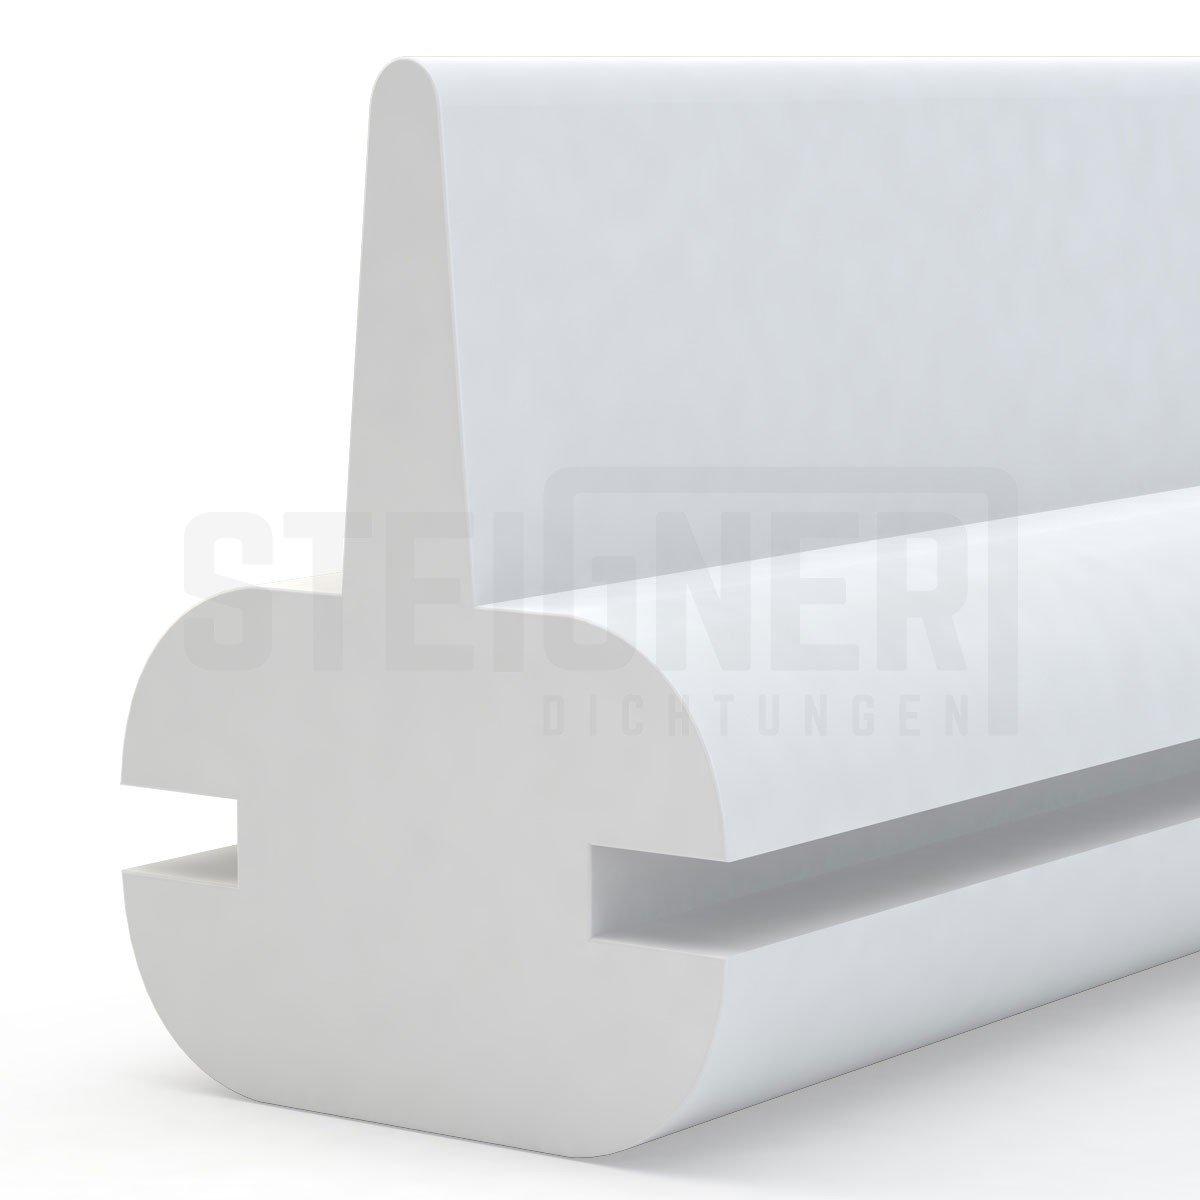 Duschdichtung Duschkabinen Dichtung 140cm SDD01 WEISS Silikon Wasserabweiser Silikondichtung Dusche Dichtprofil Duschabtrennung Schwallschutz Glast/ürdichtung Duschkabine Glasduschen